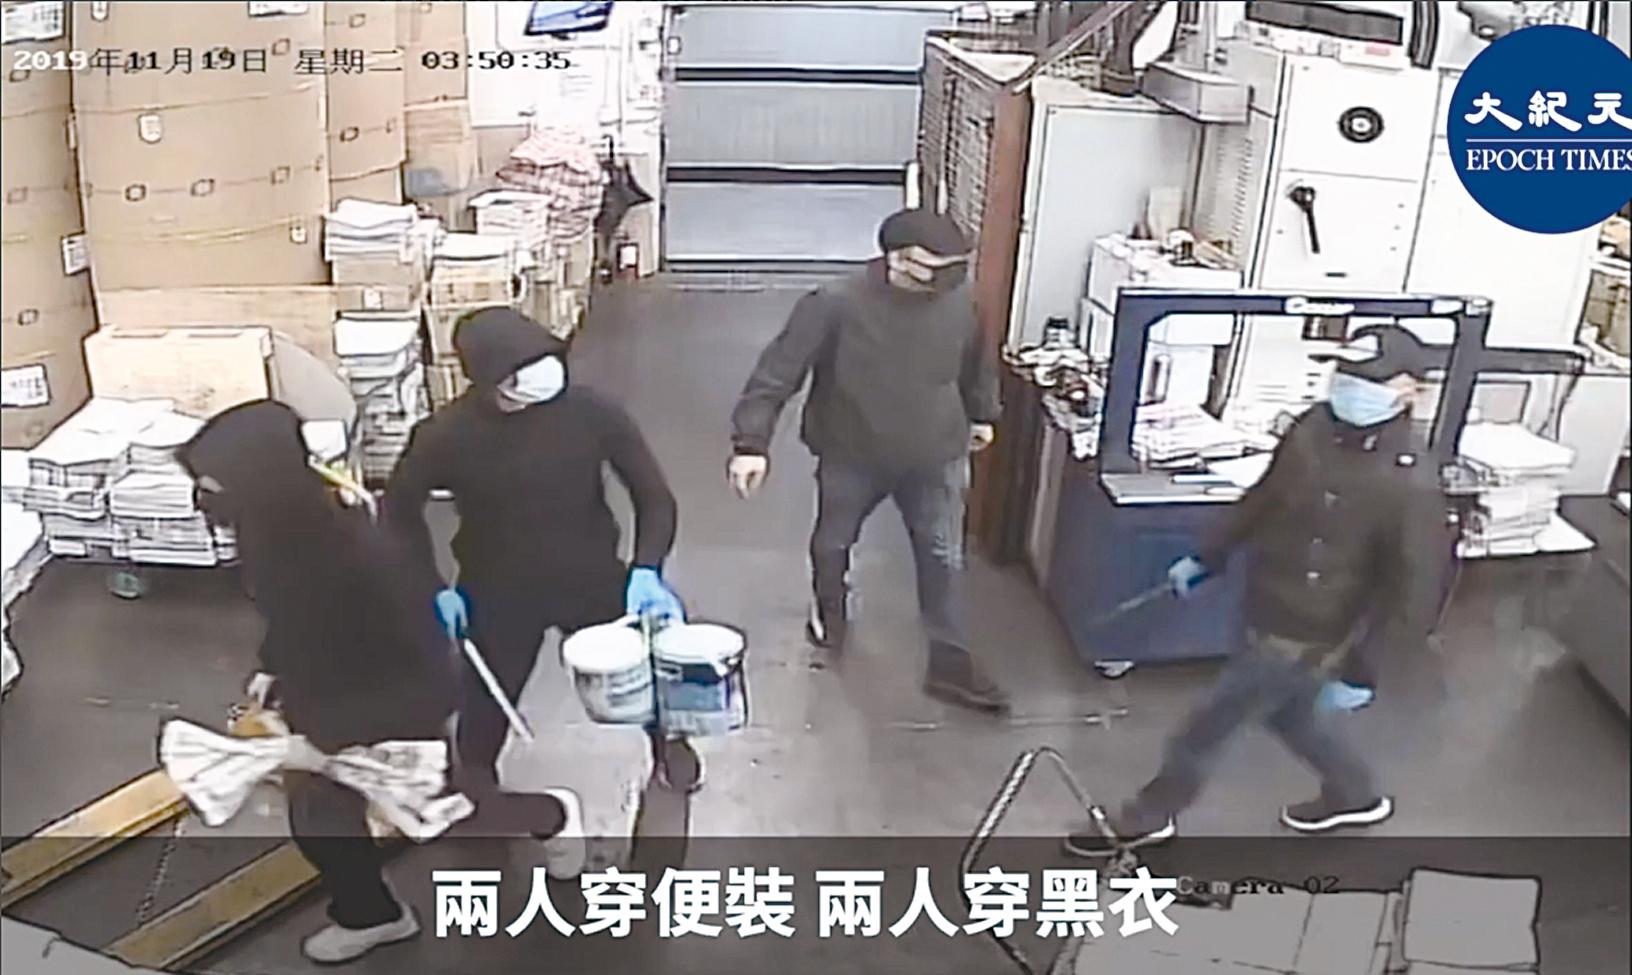 11月19日凌晨,《大紀元時報》印刷廠遭中共僱兇縱火。(視頻截圖)